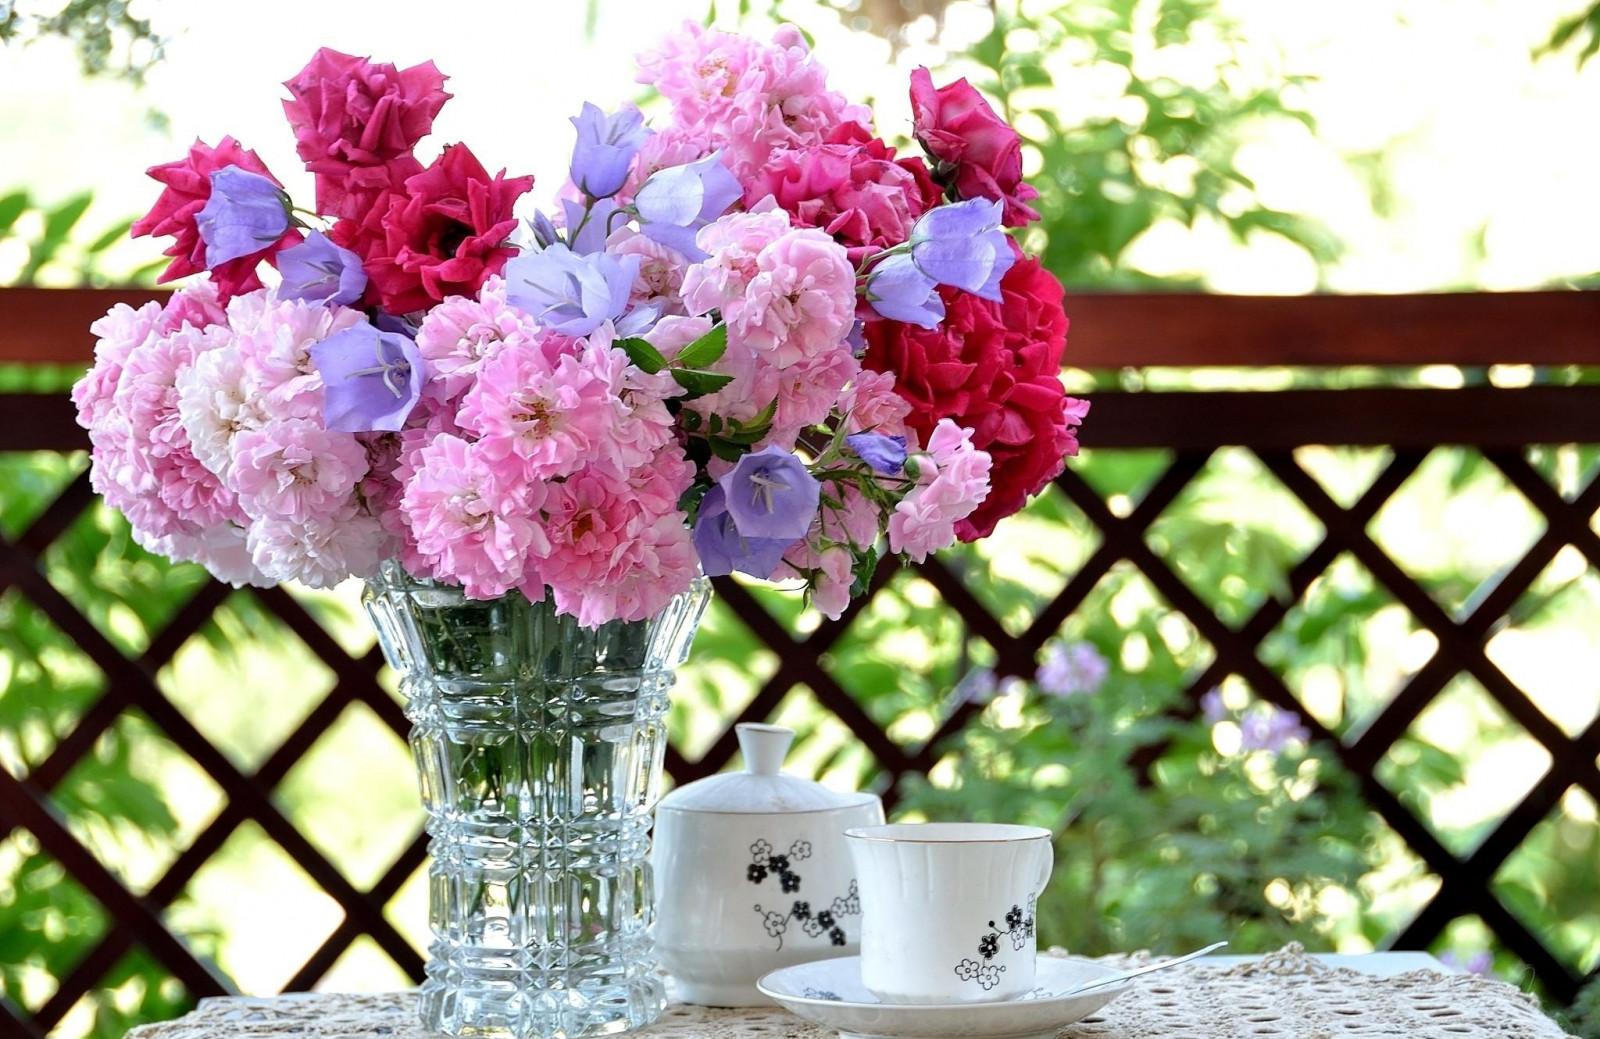 Fond d 39 cran table branche fleur rose printemps - Fleurs roses de printemps ...